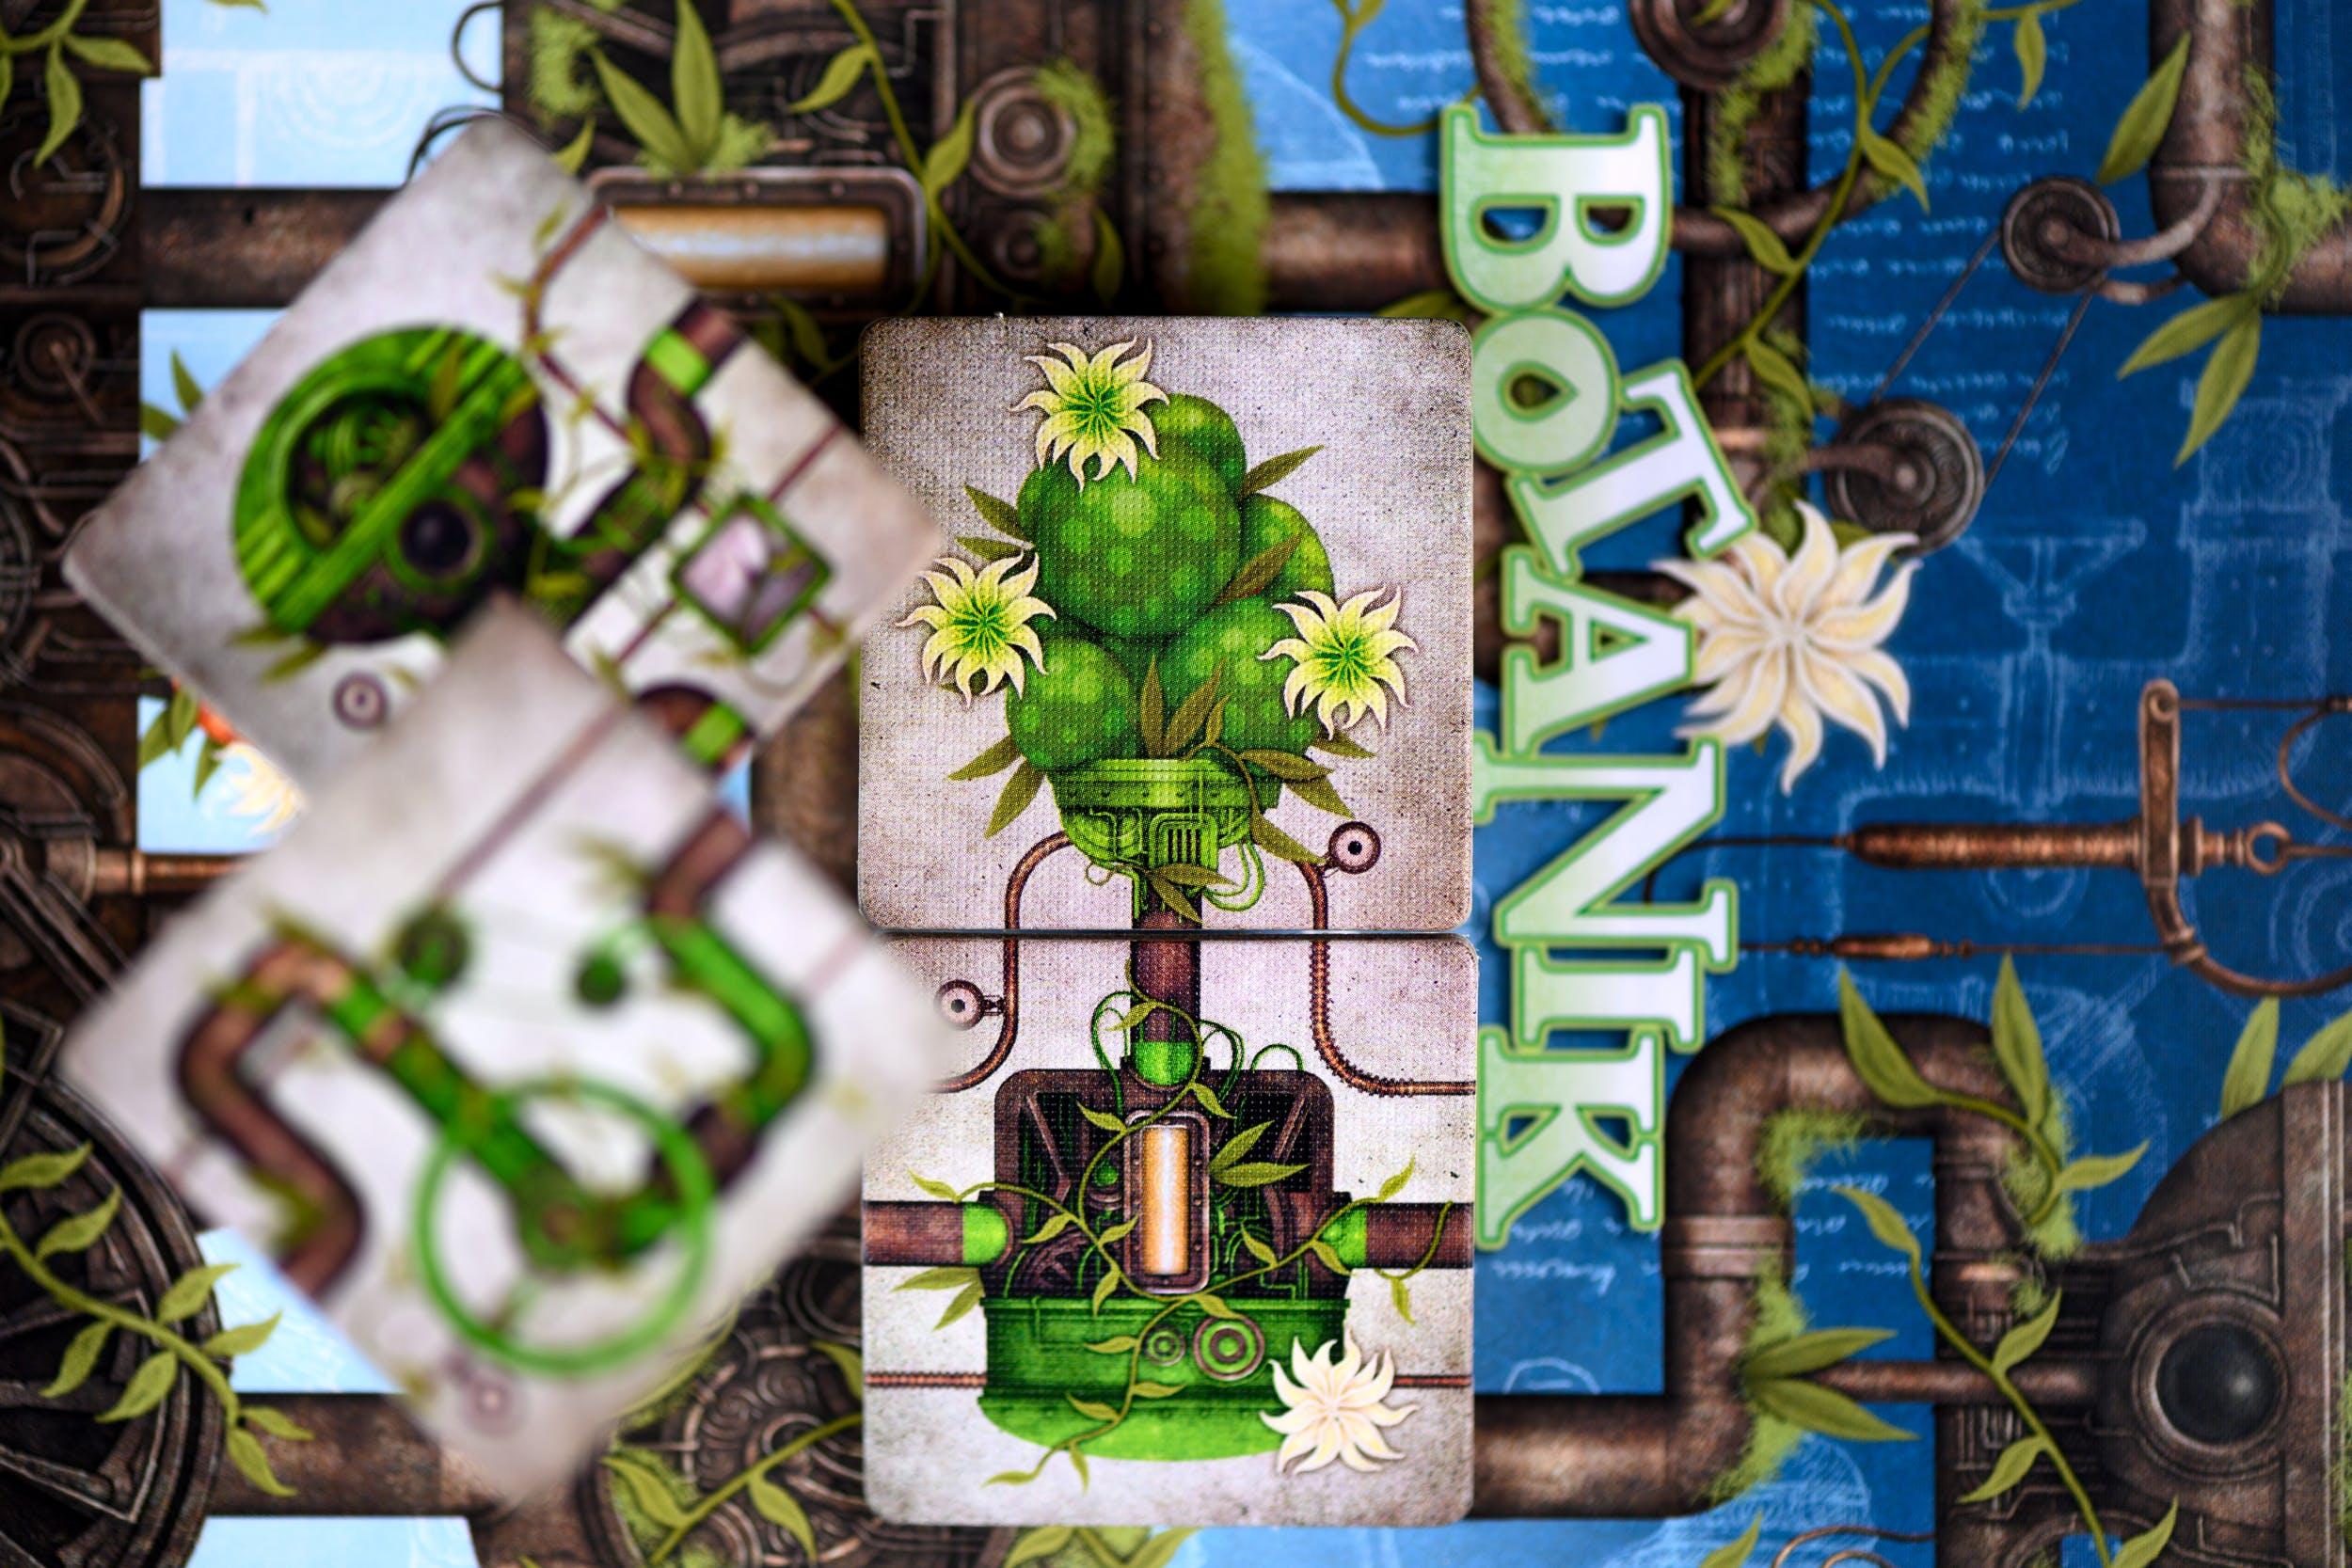 Botanik - tuiles connectées